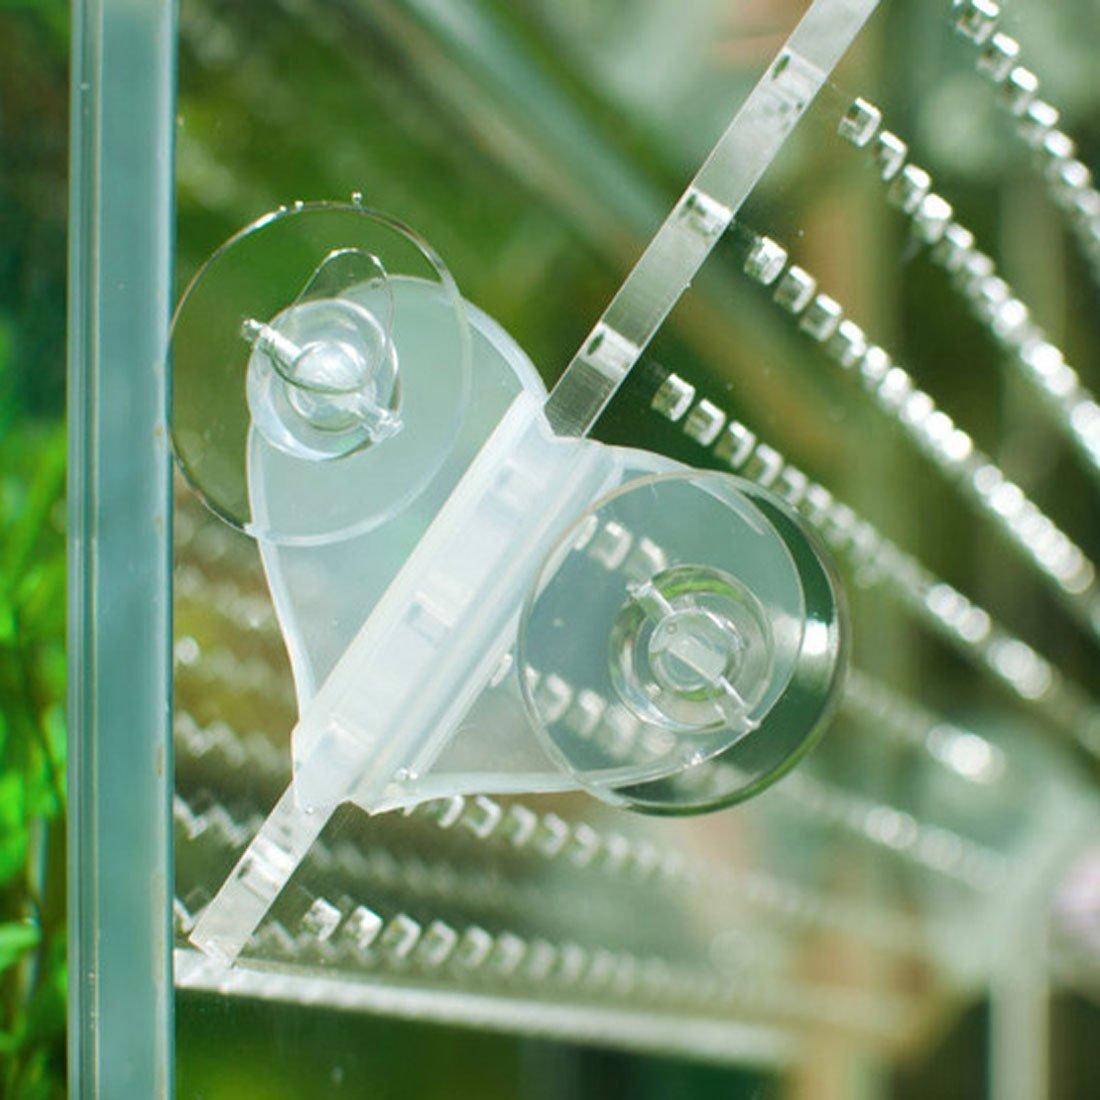 Amazon.com : eDealMax acuario en Forma de corazón Diseño de Cristal Copa de succión Divisor Titular abrazadera del Clip 6 in1 : Pet Supplies